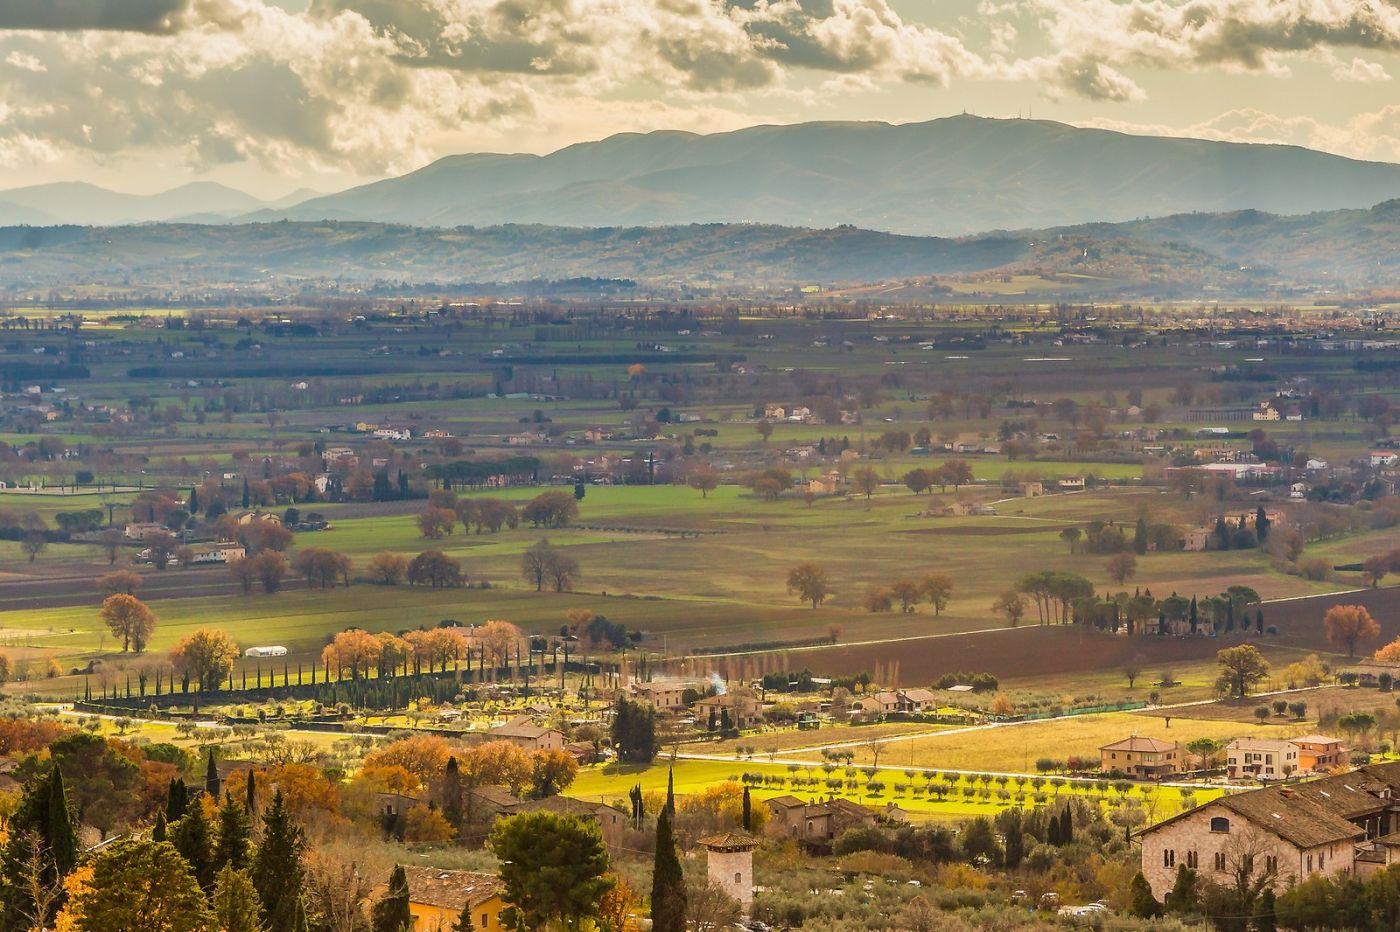 意大利阿西西(Assisi), 登高放眼_图1-31